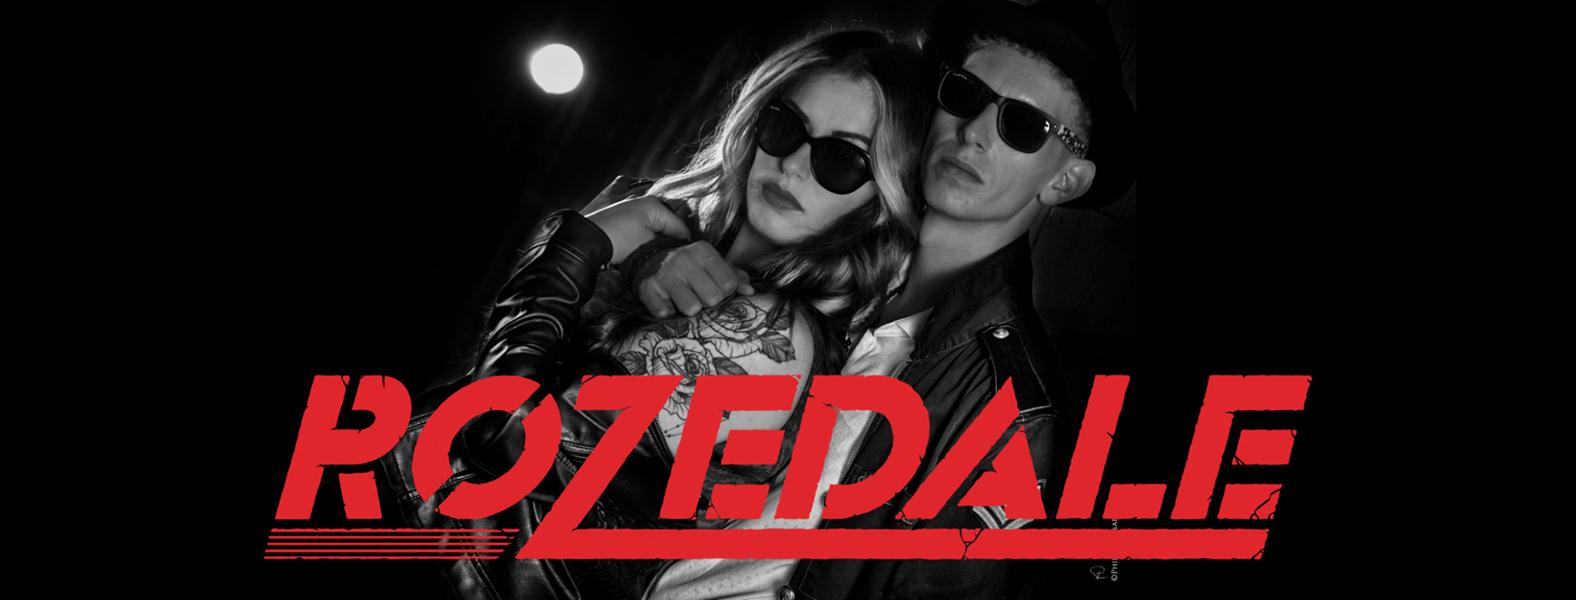 www.rozedale.com